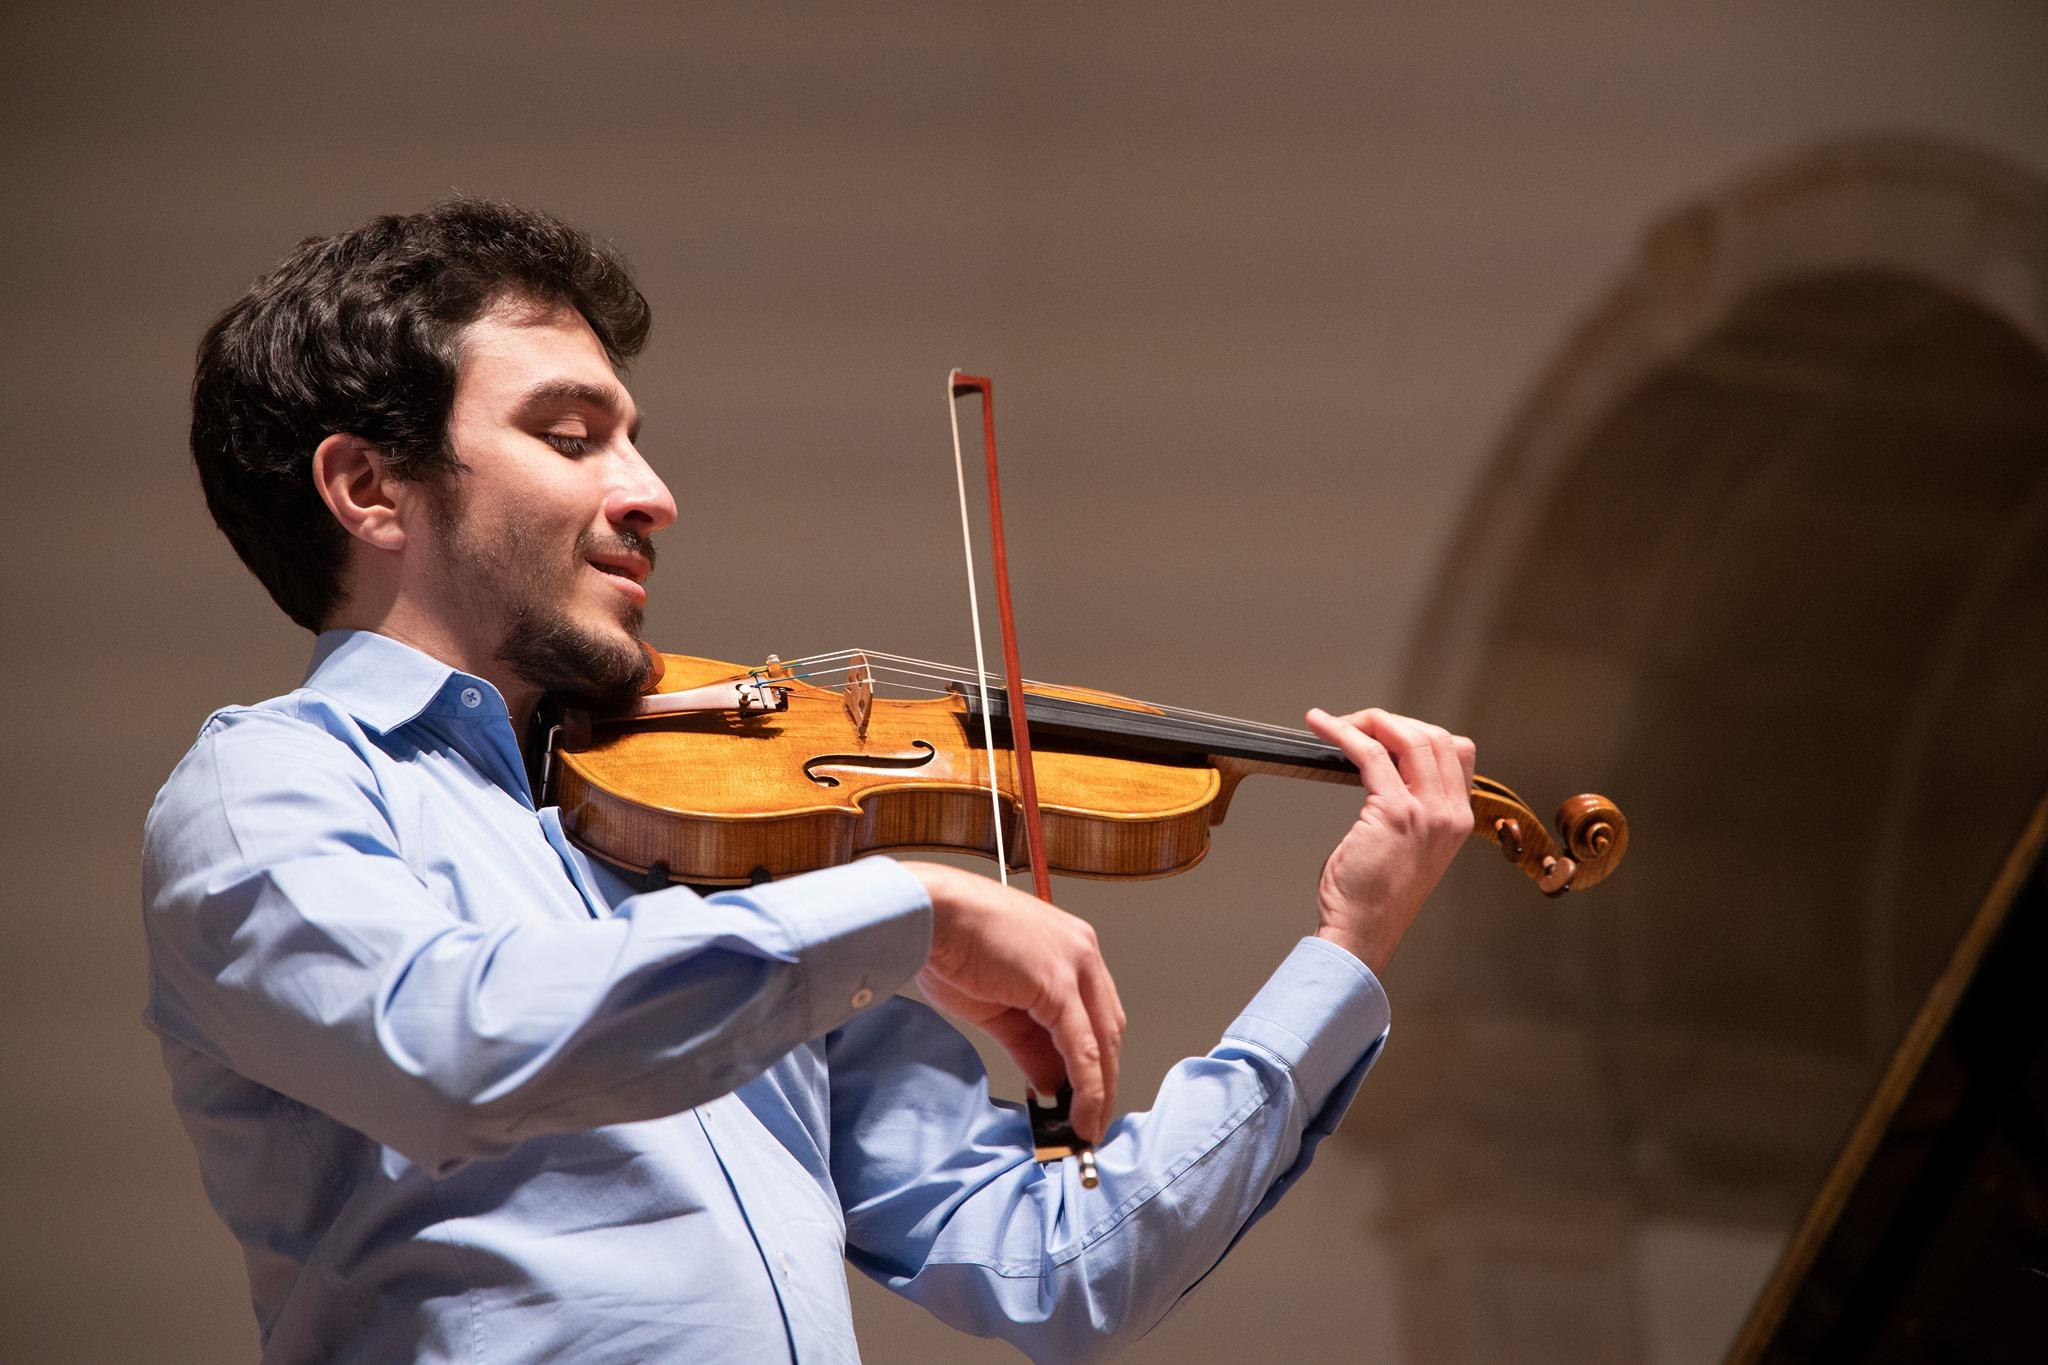 Concerto Antena 2 | André Gaio Pereira